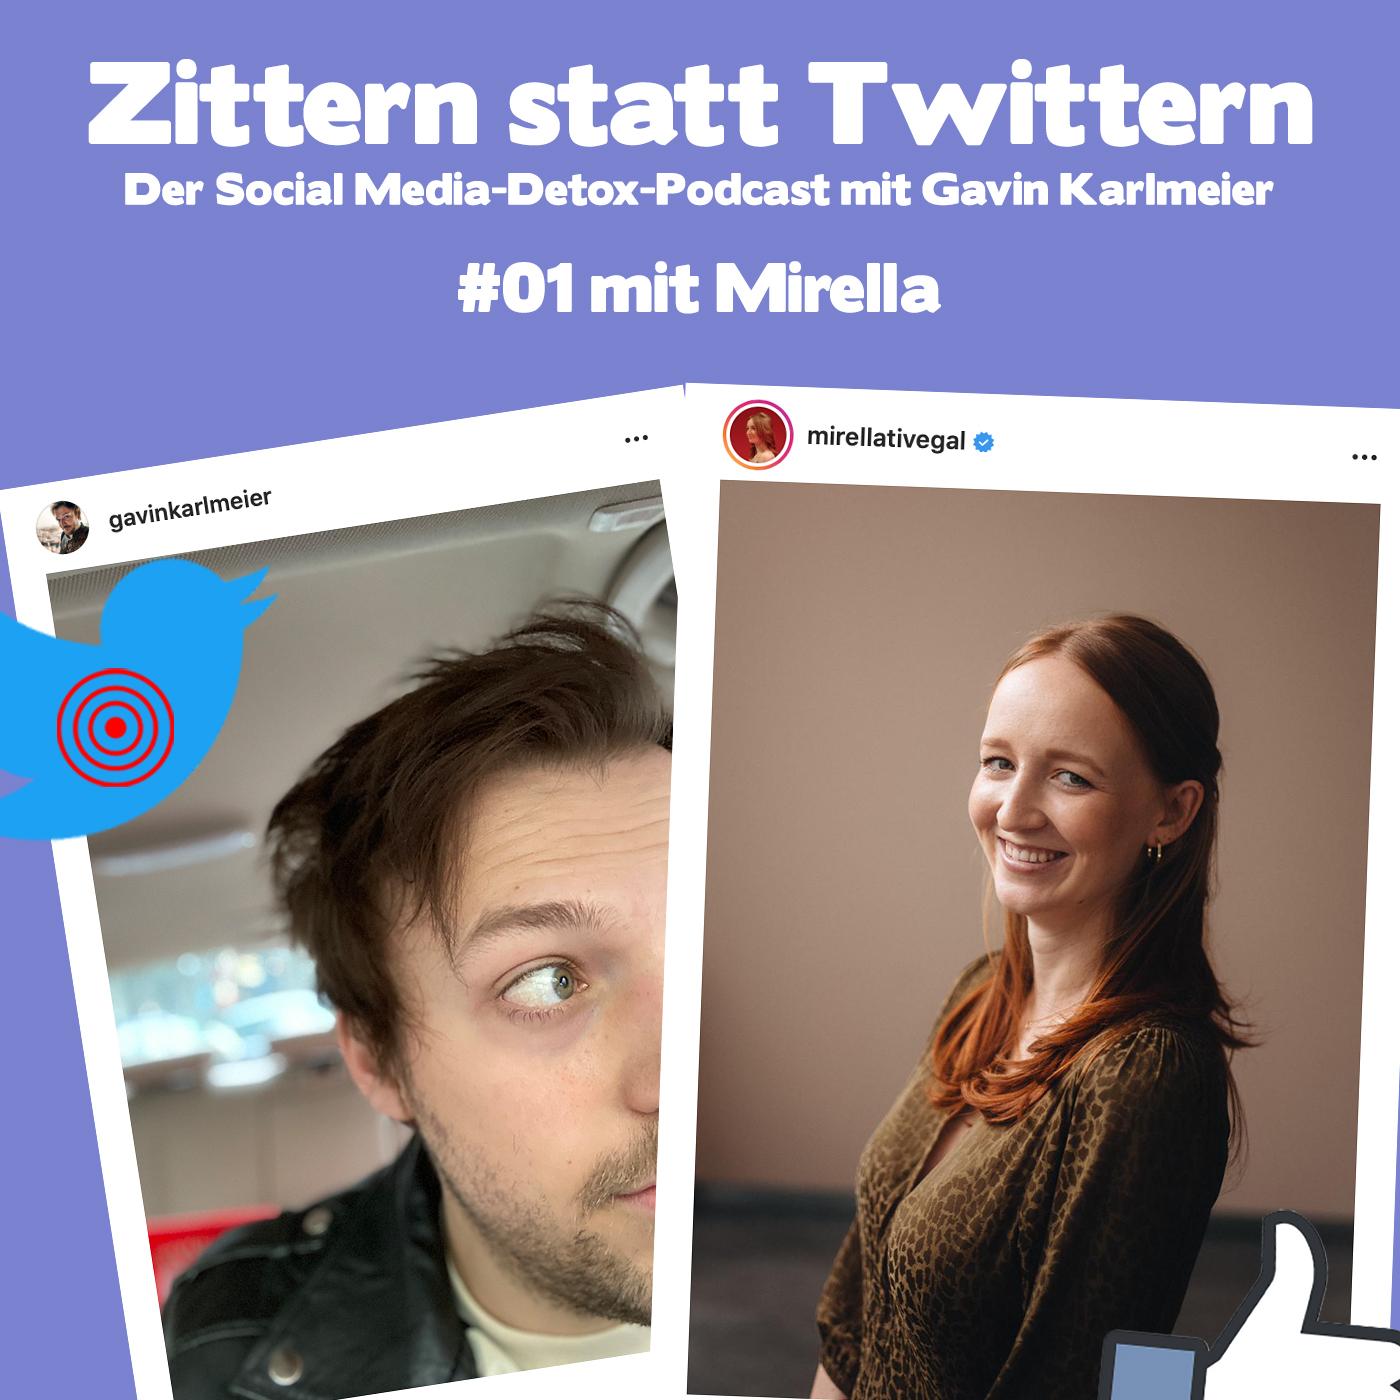 Mirella, wie süchtig sind wir nach Social Media? (mit @mirellativegal)